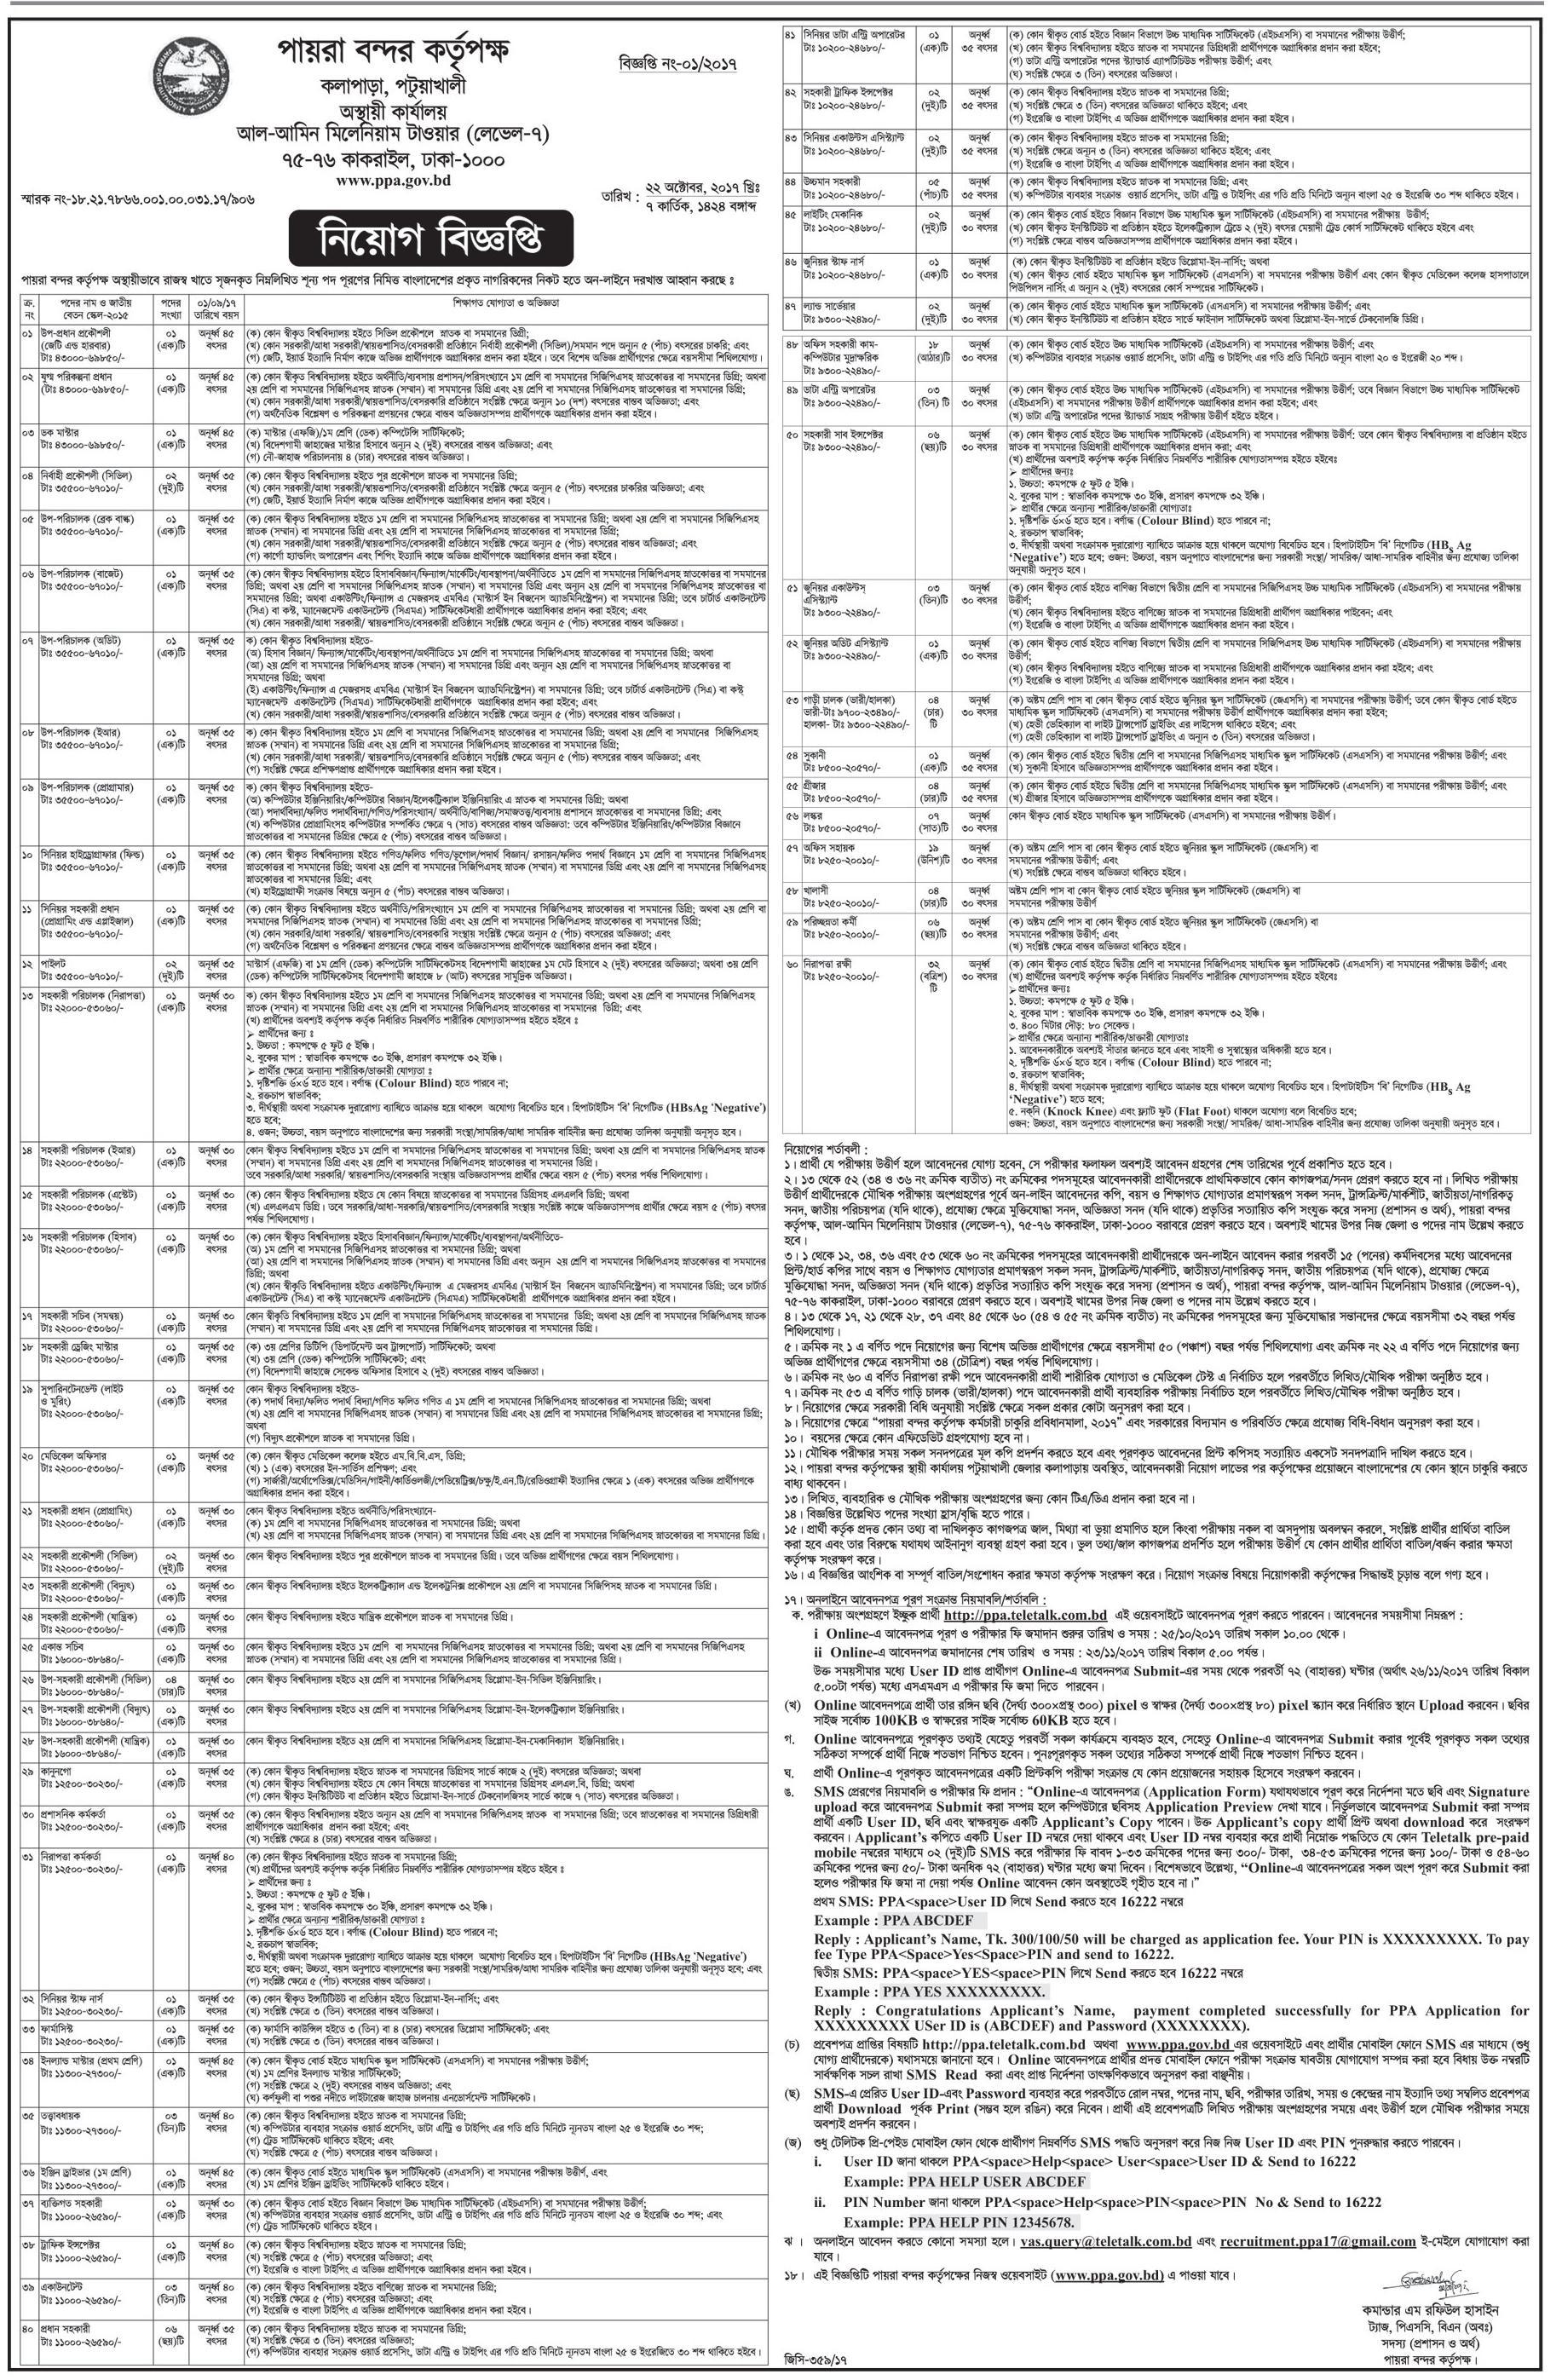 Payra Port Authority Job Circular 2017